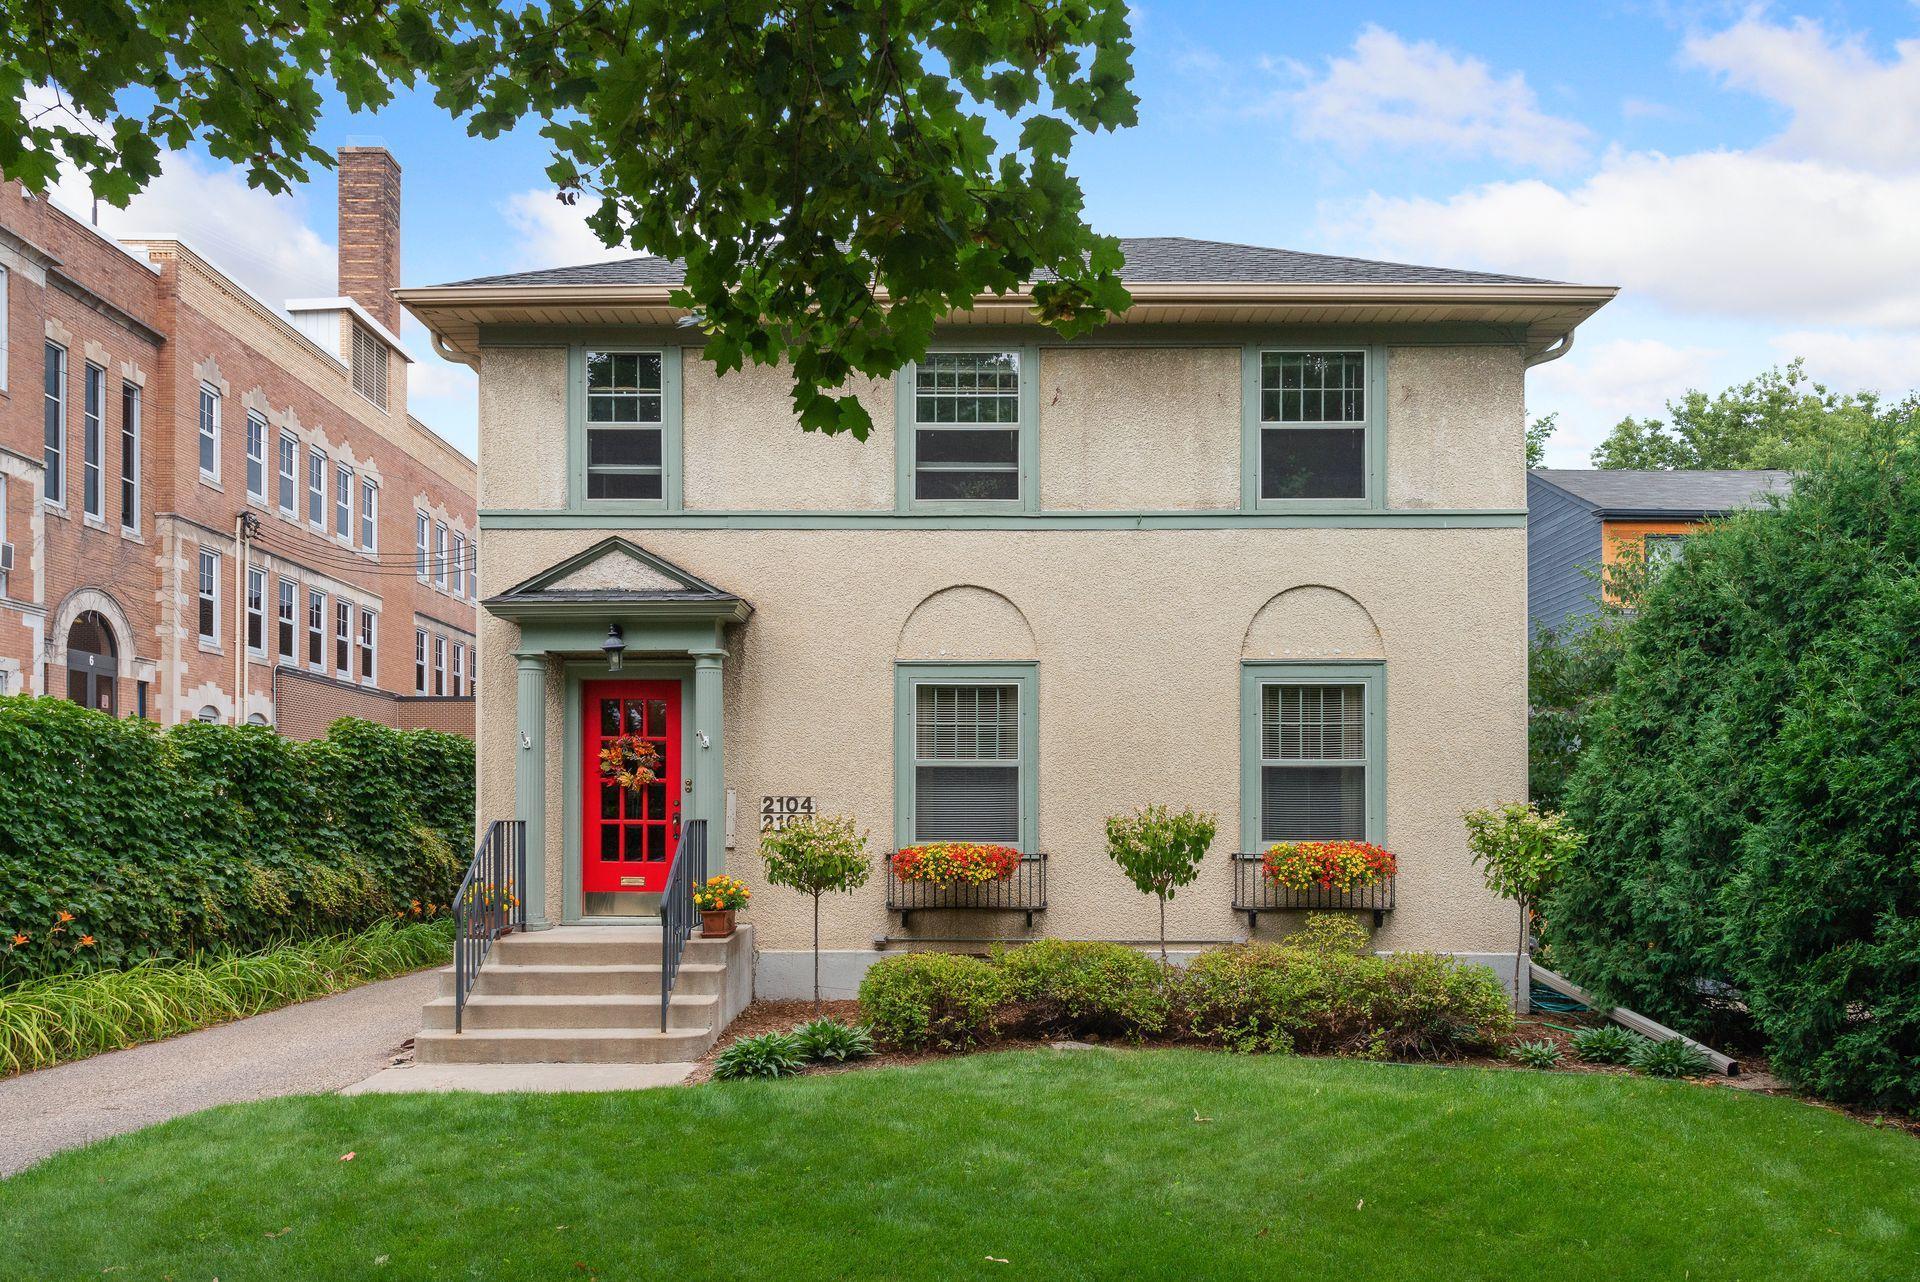 2104 21st Street W Property Photo - Minneapolis, MN real estate listing